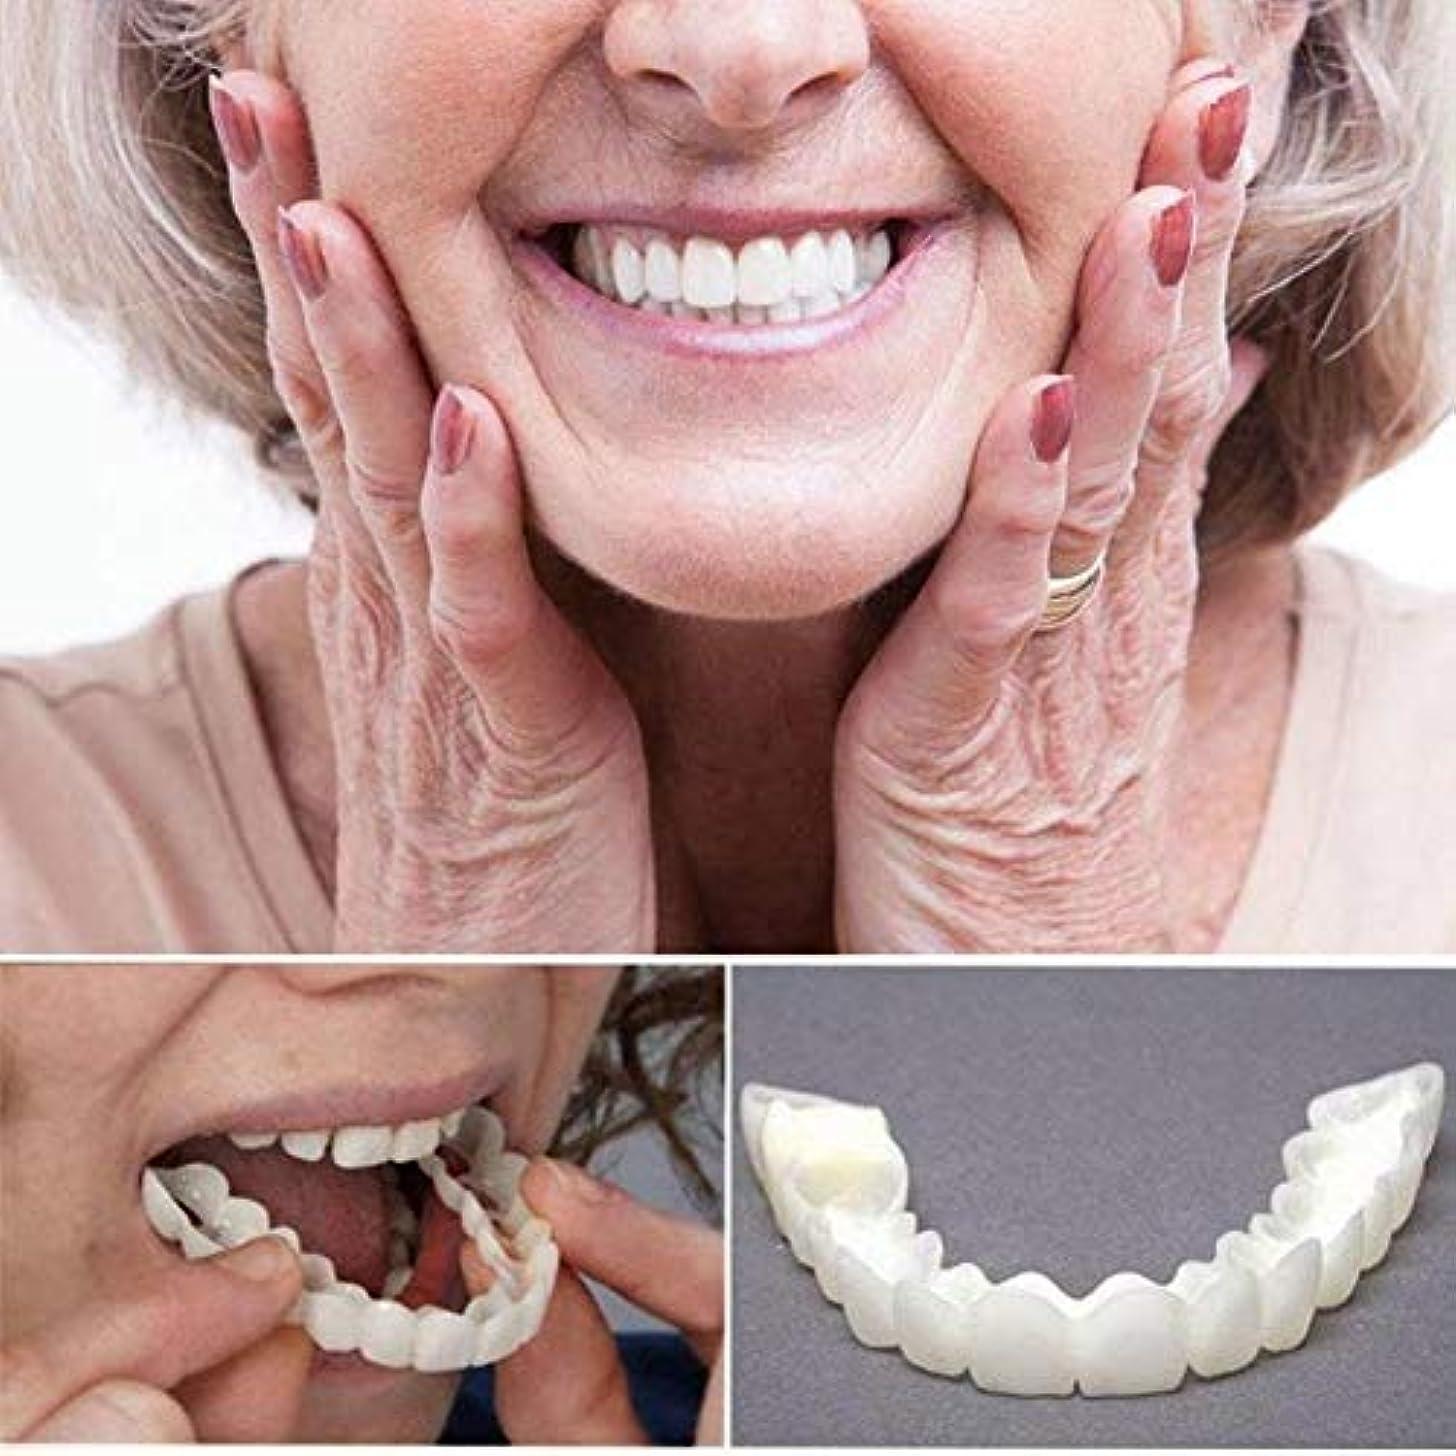 代わりに代わりにを立てるジェット化粧品の歯、白い歯をきれいにするためのコンフォートフィットフレックスティースソケット、スーパーコンフォート、コンフォートフィット、1セット.